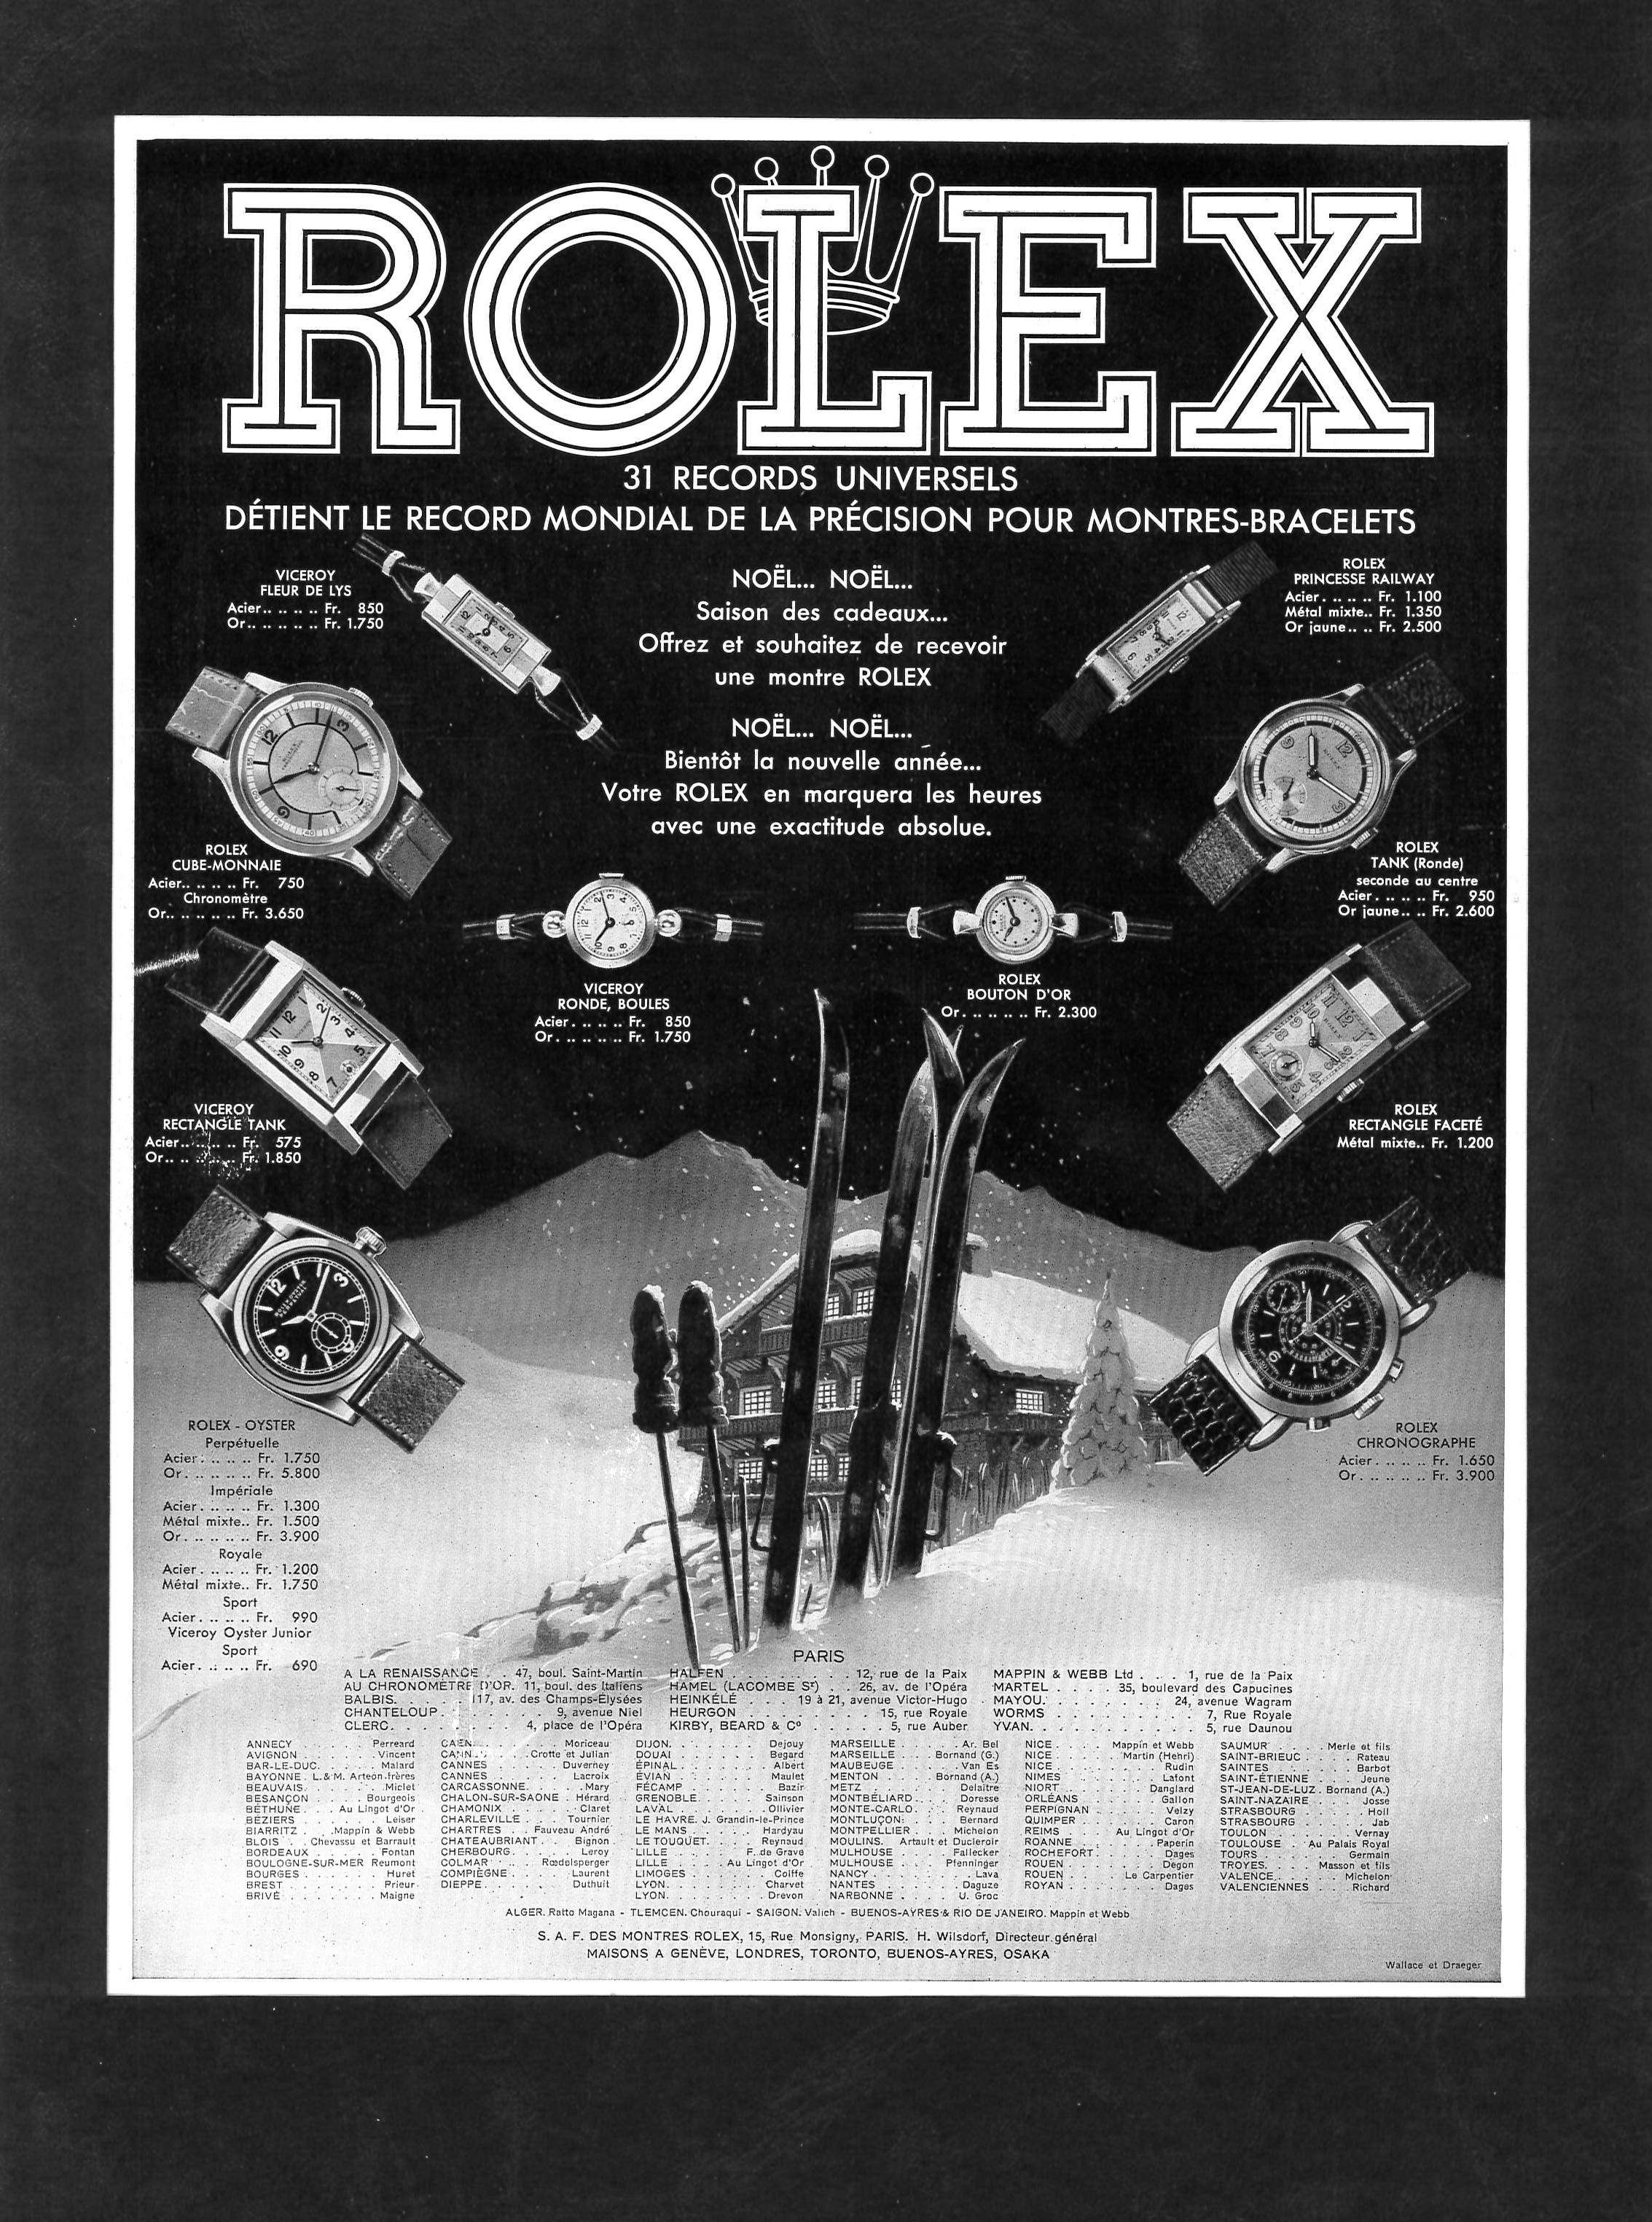 Originale historische Werbung der Marke #vintaherolex